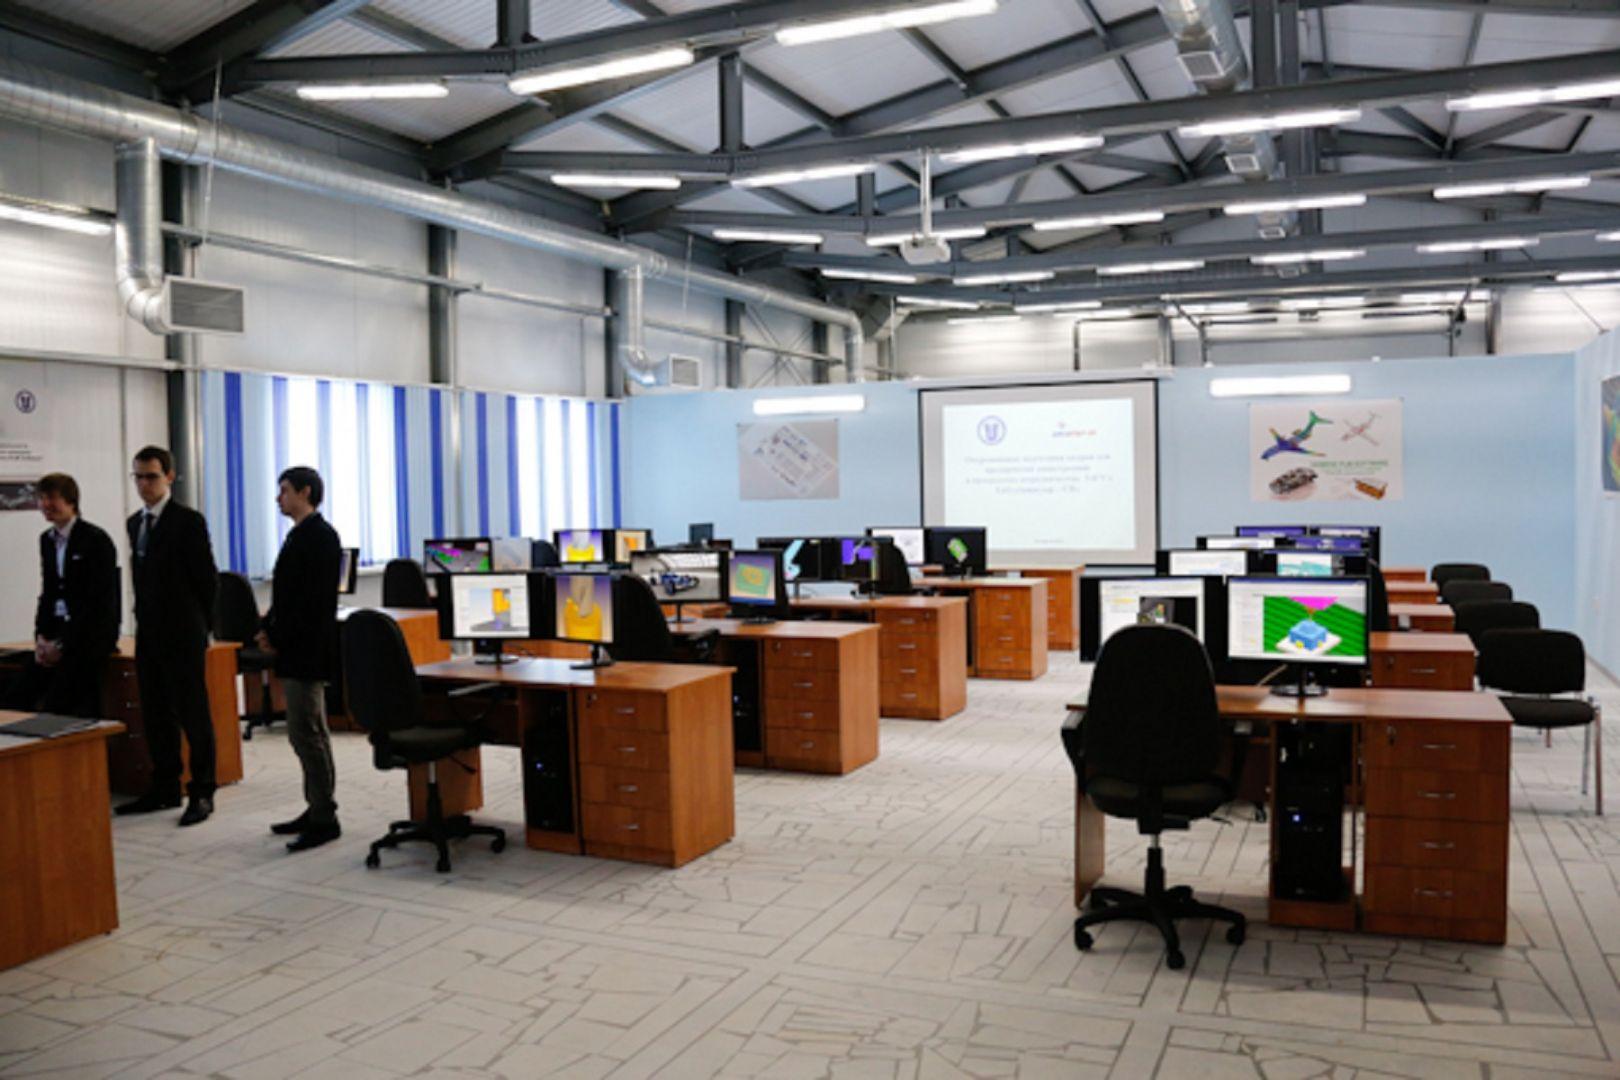 В2016г. наСтаврополье откроют два центра инновации для молодежи